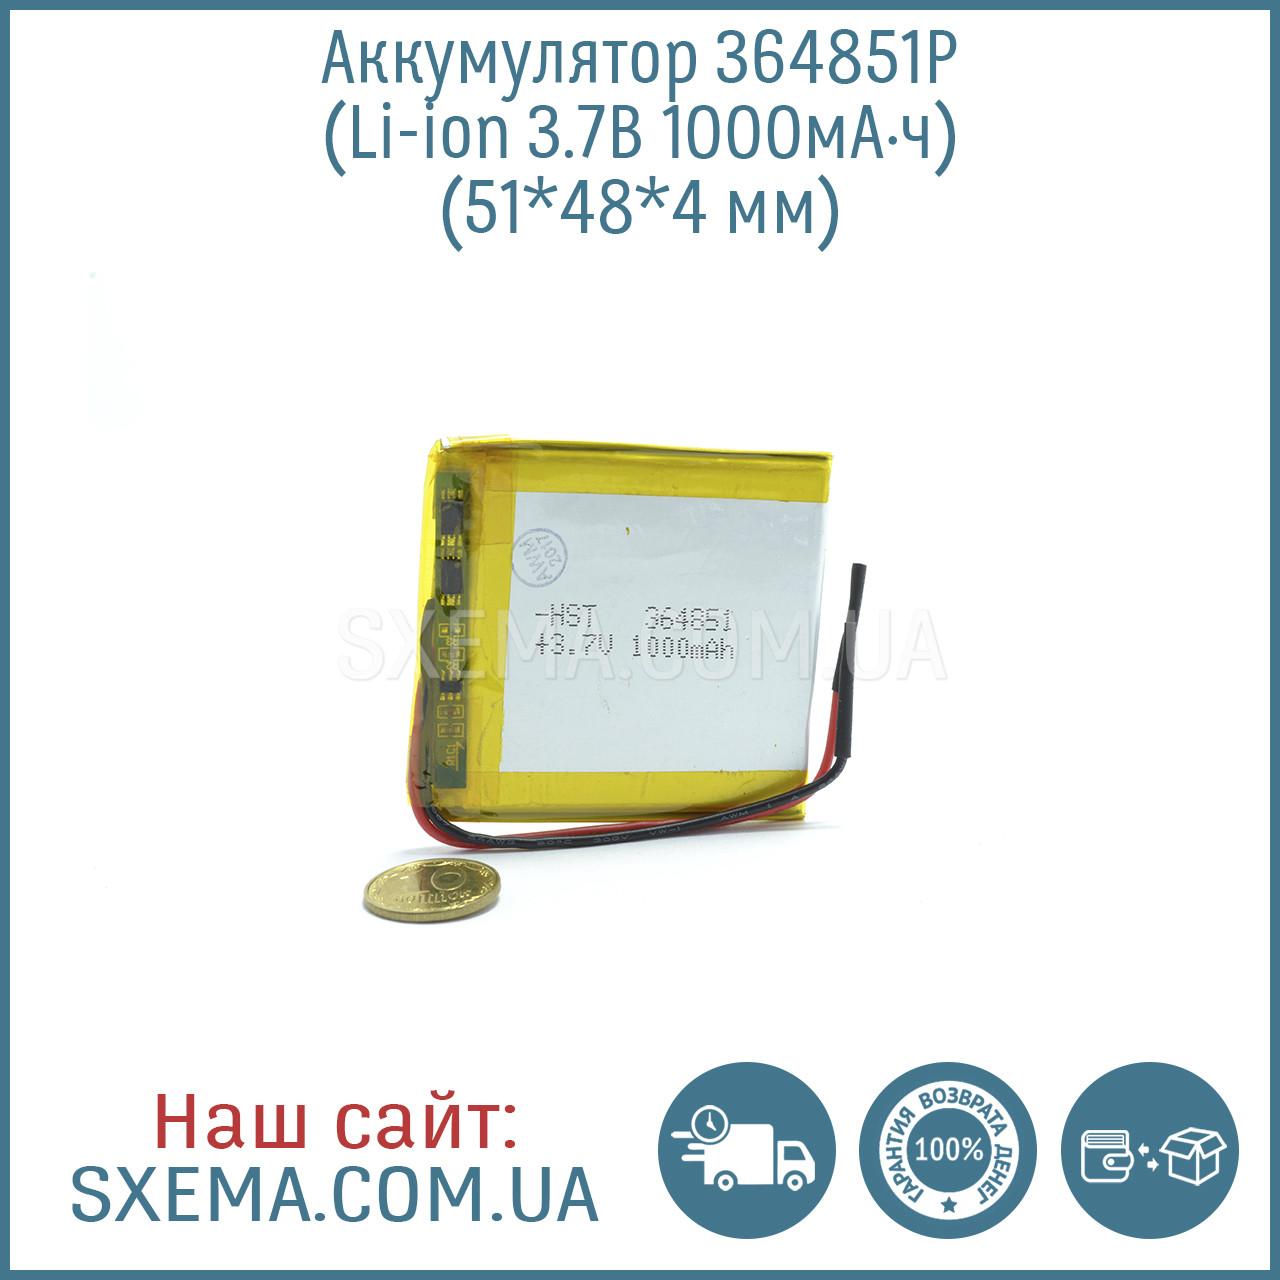 Аккумулятор универсальный 364851   (Li-ion 3.7В 1000мА·ч), (51*48*4 мм)